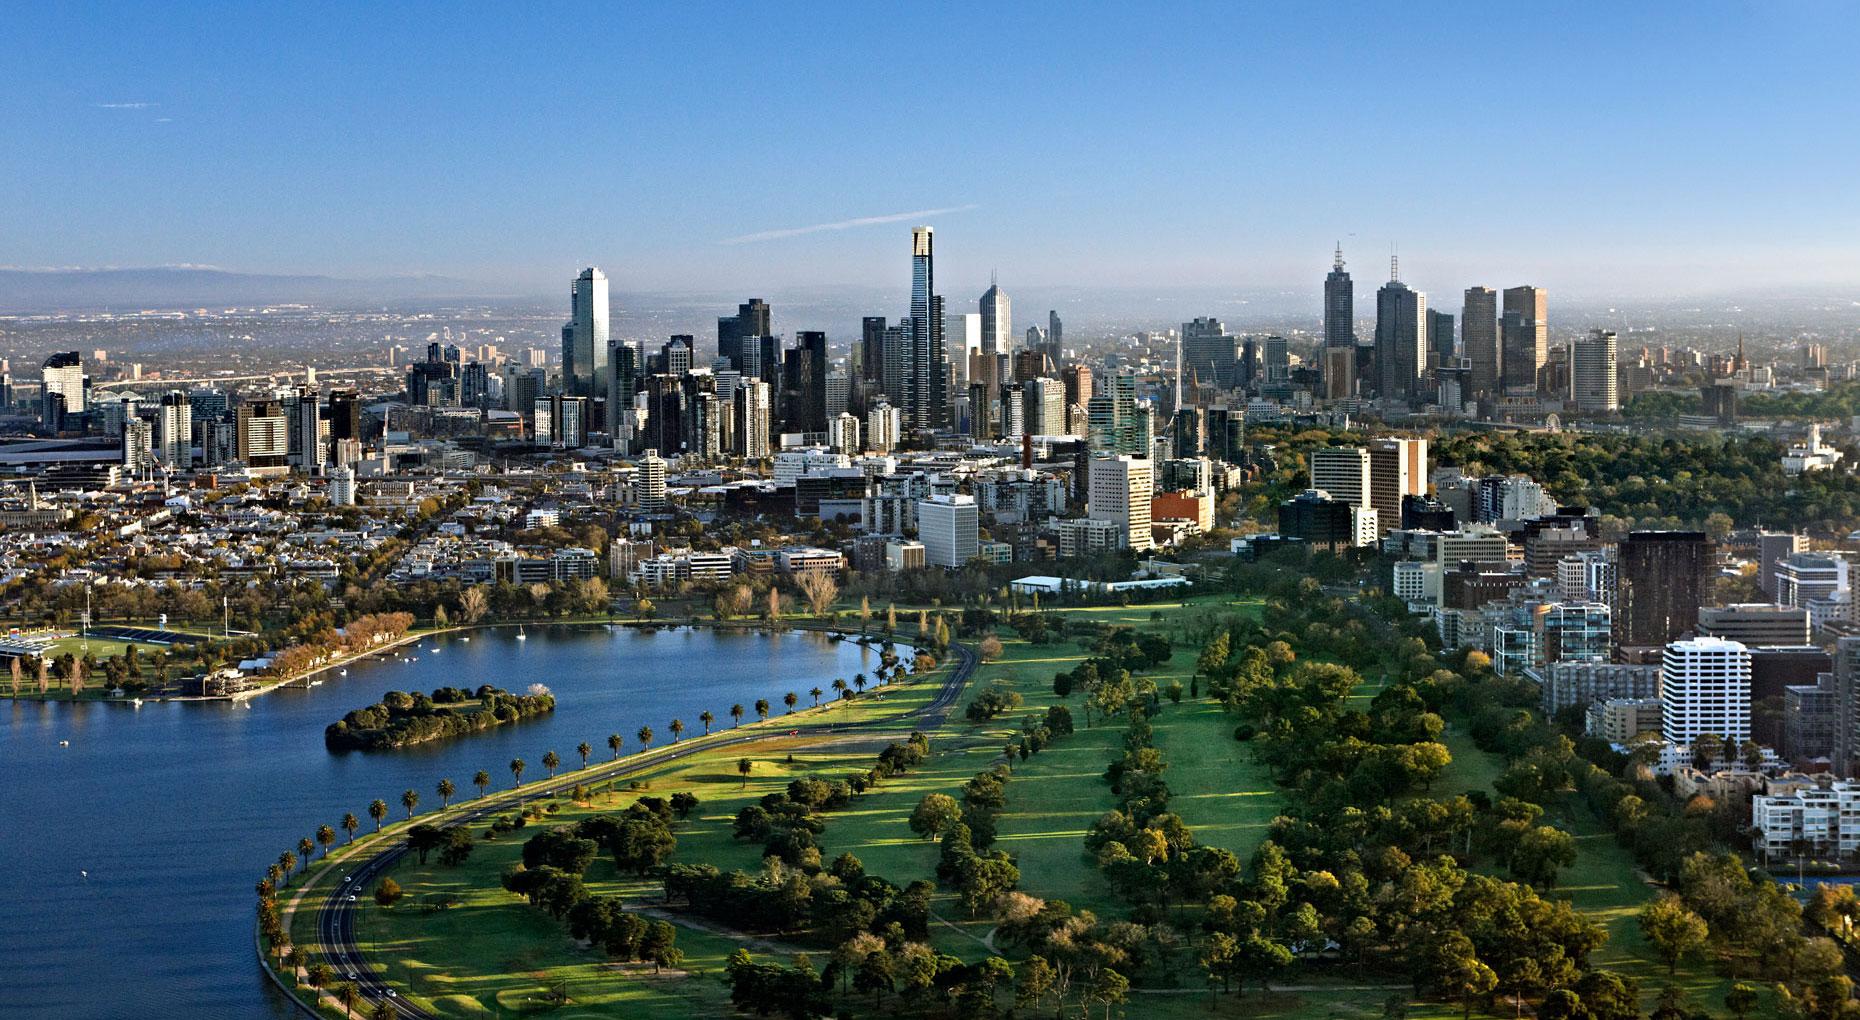 Melbourne-Aerial-LowRes-Investors-CBD